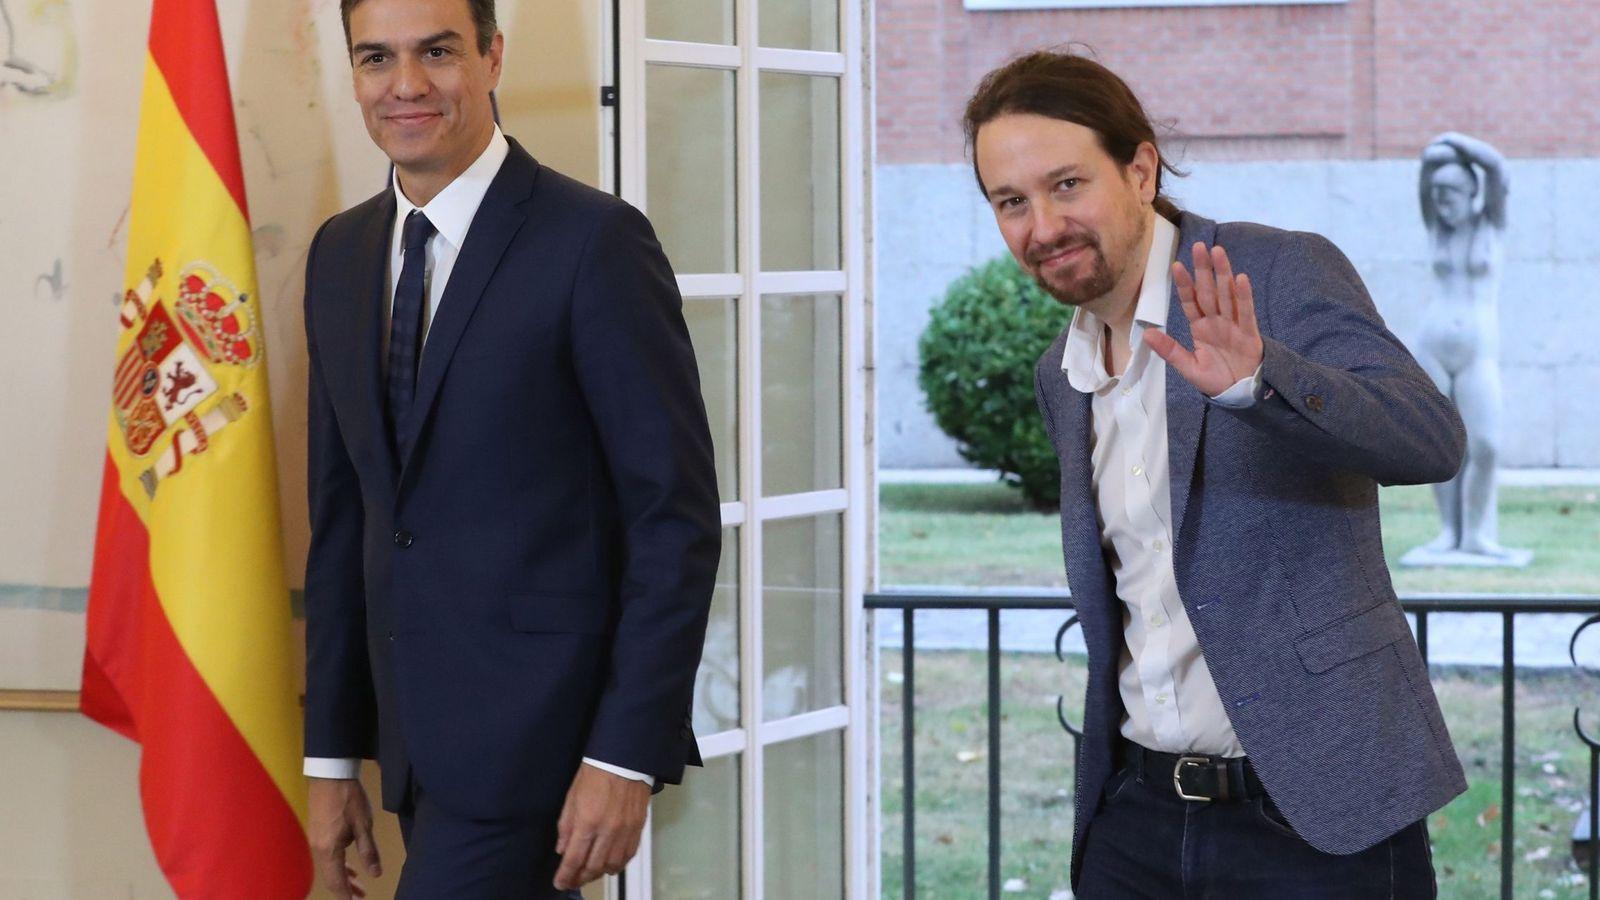 Foto: El presidente del Gobierno, Pedro Sánchez, y el secretario general de Podemos, Pablo Iglesias. (EFE)